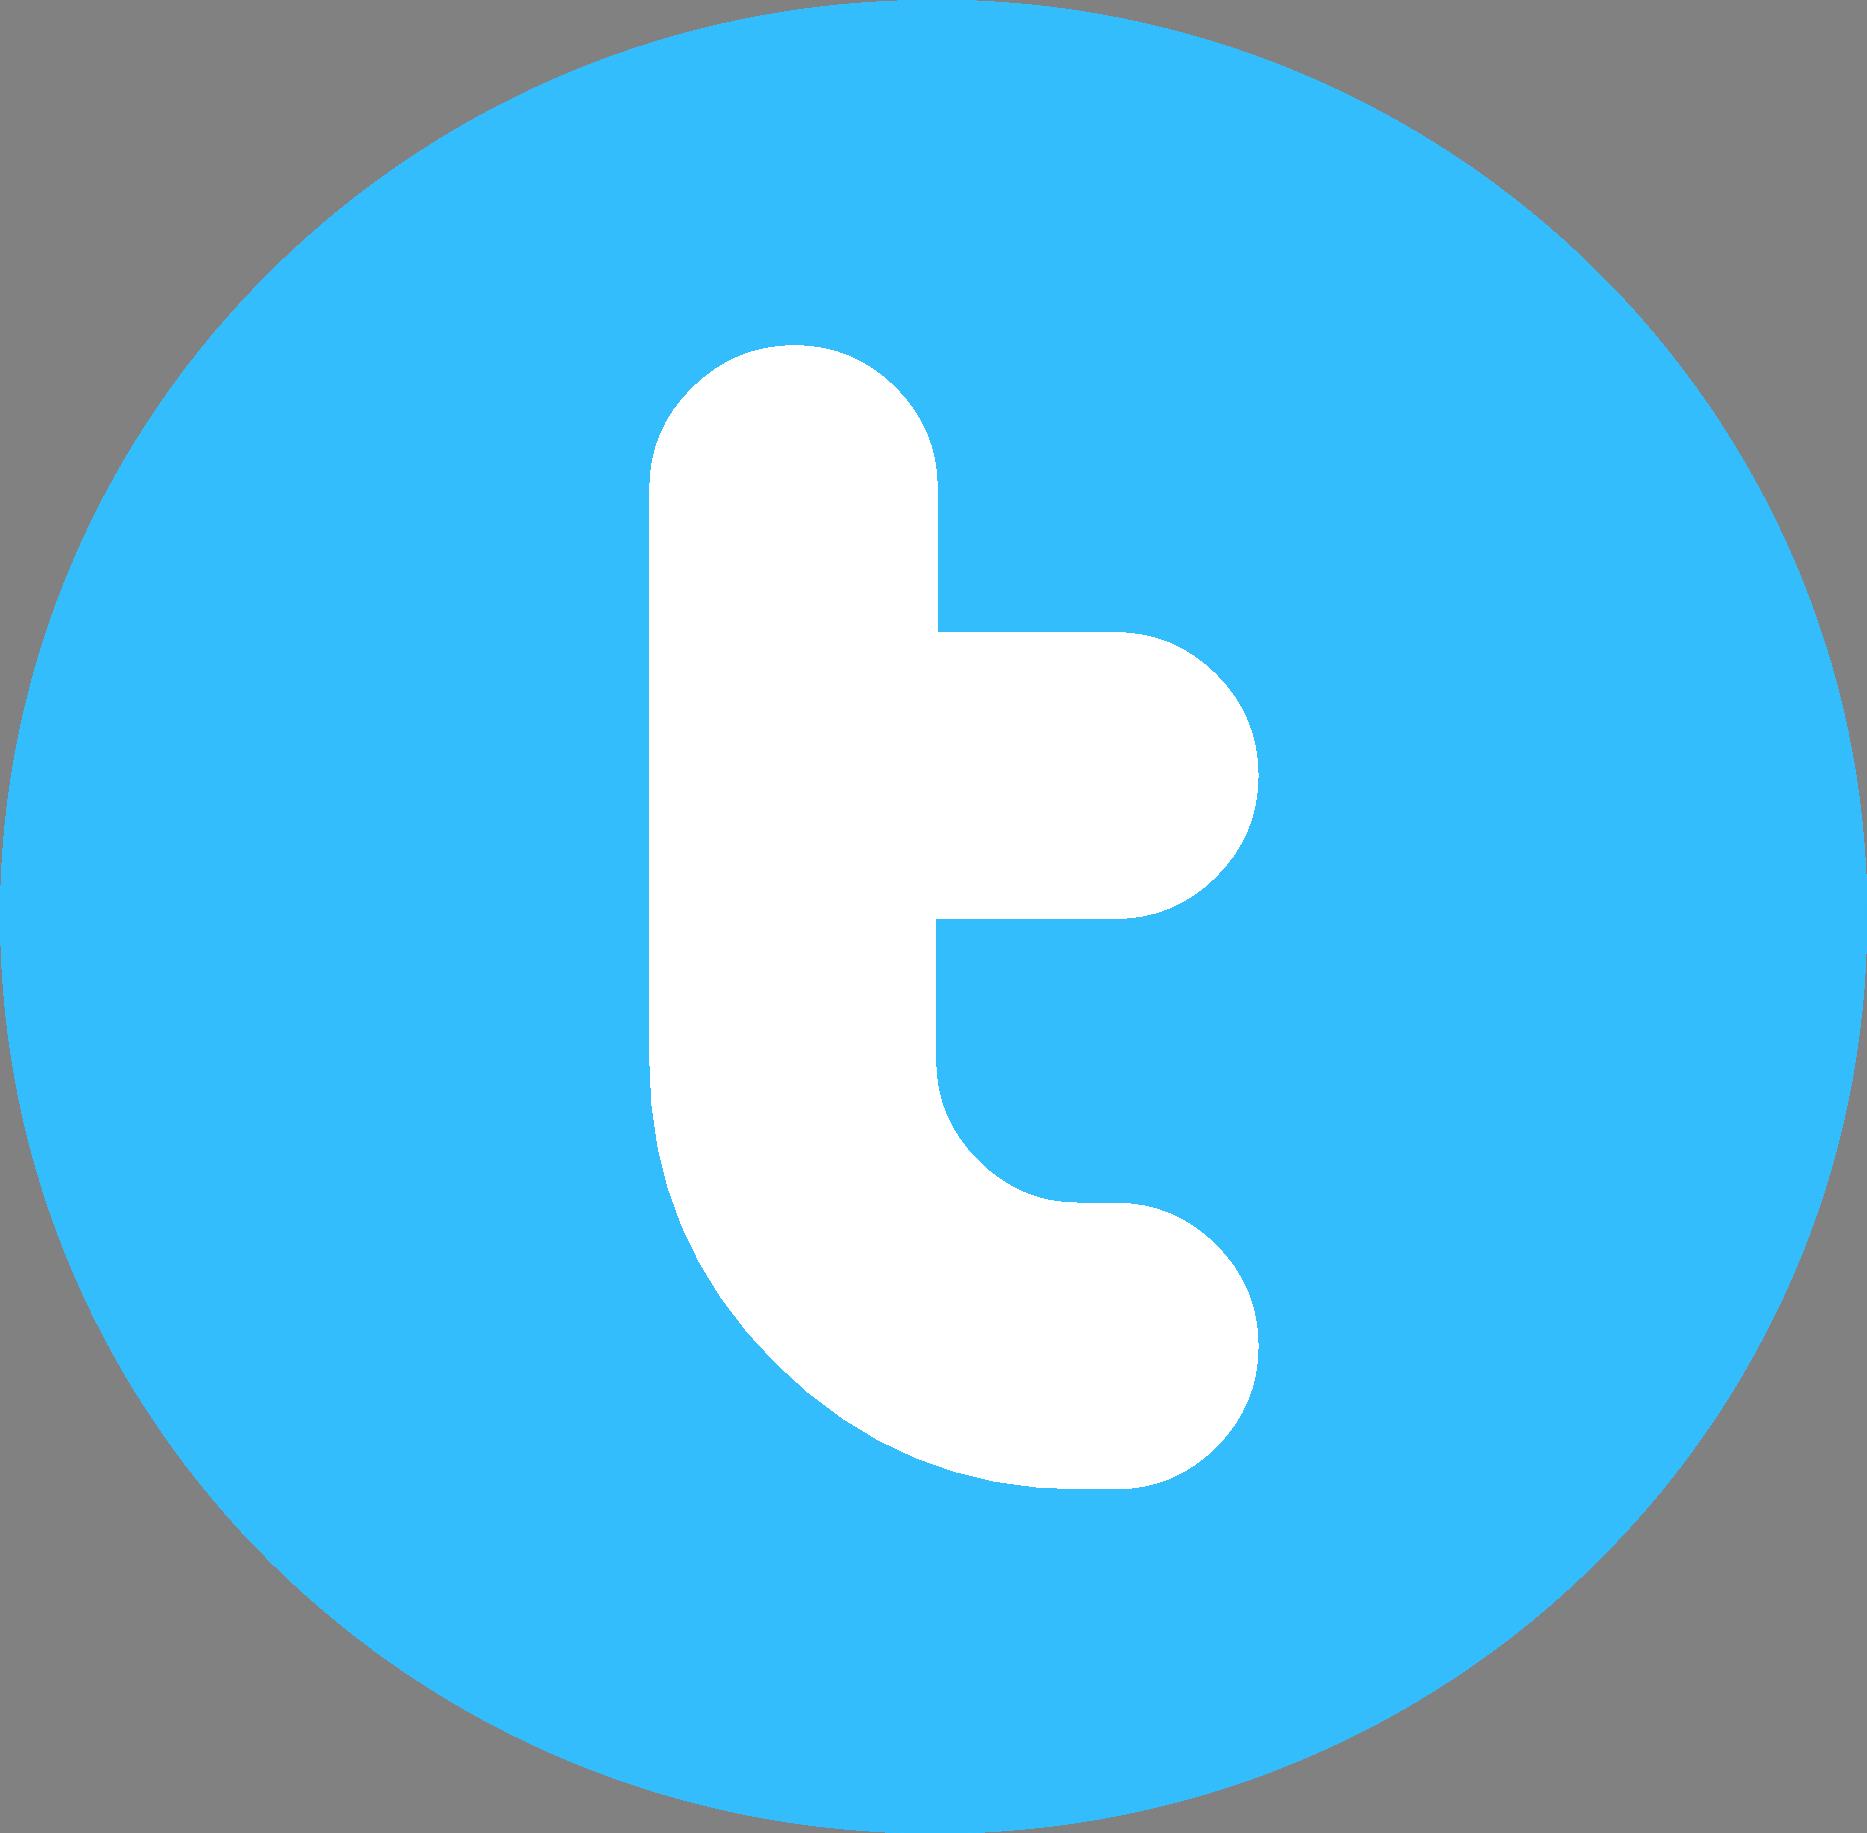 Колледж бизнеса и права в twitter